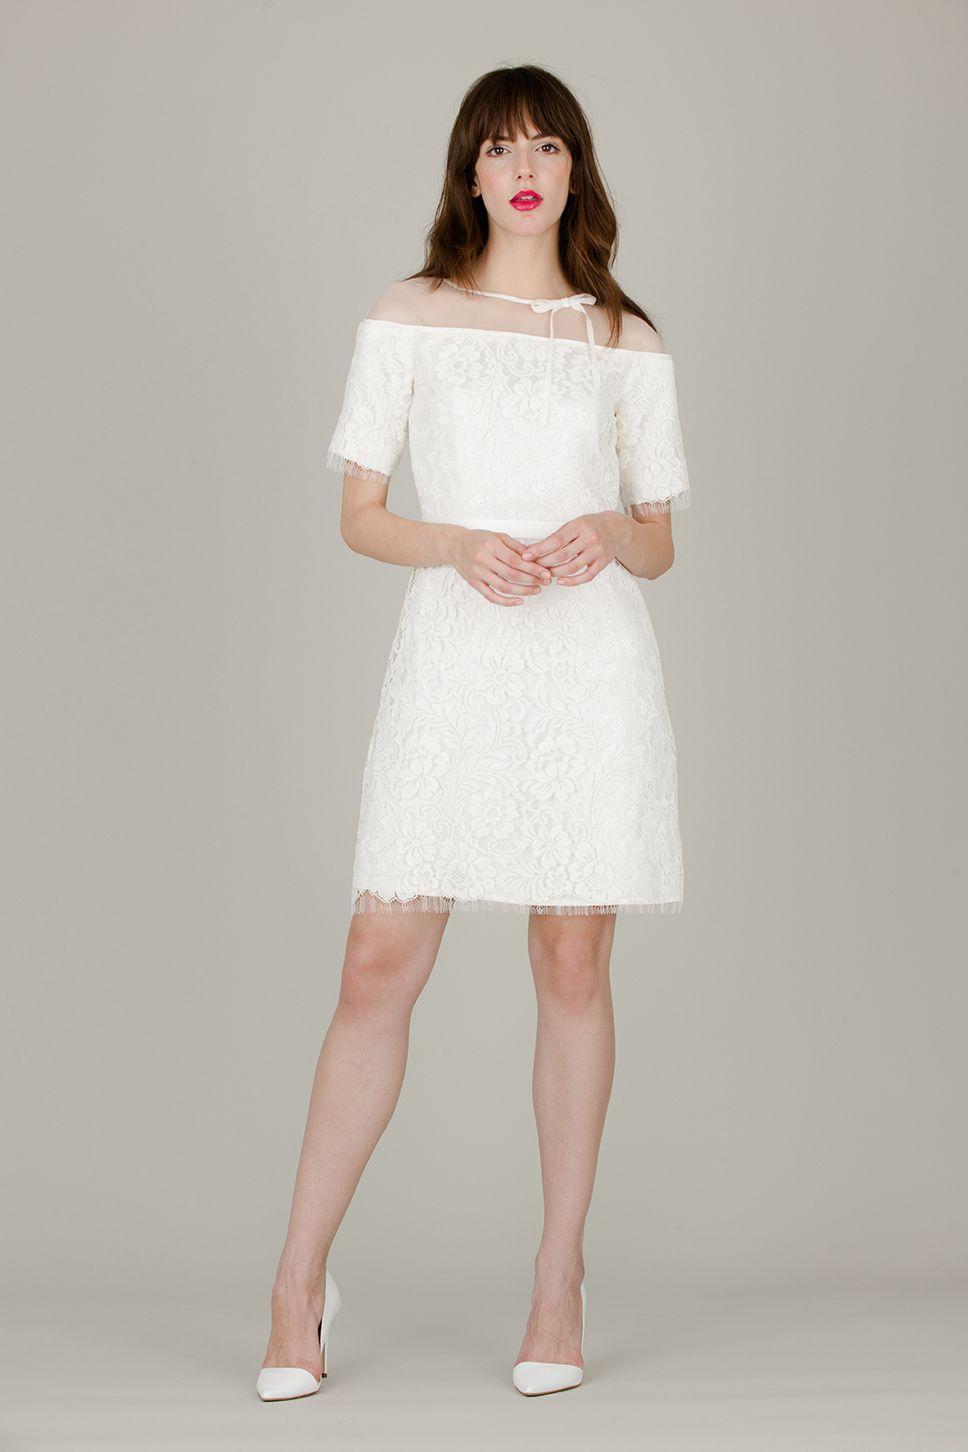 Kollektion › therese und luise | Brautmode, Weißes kleid ...